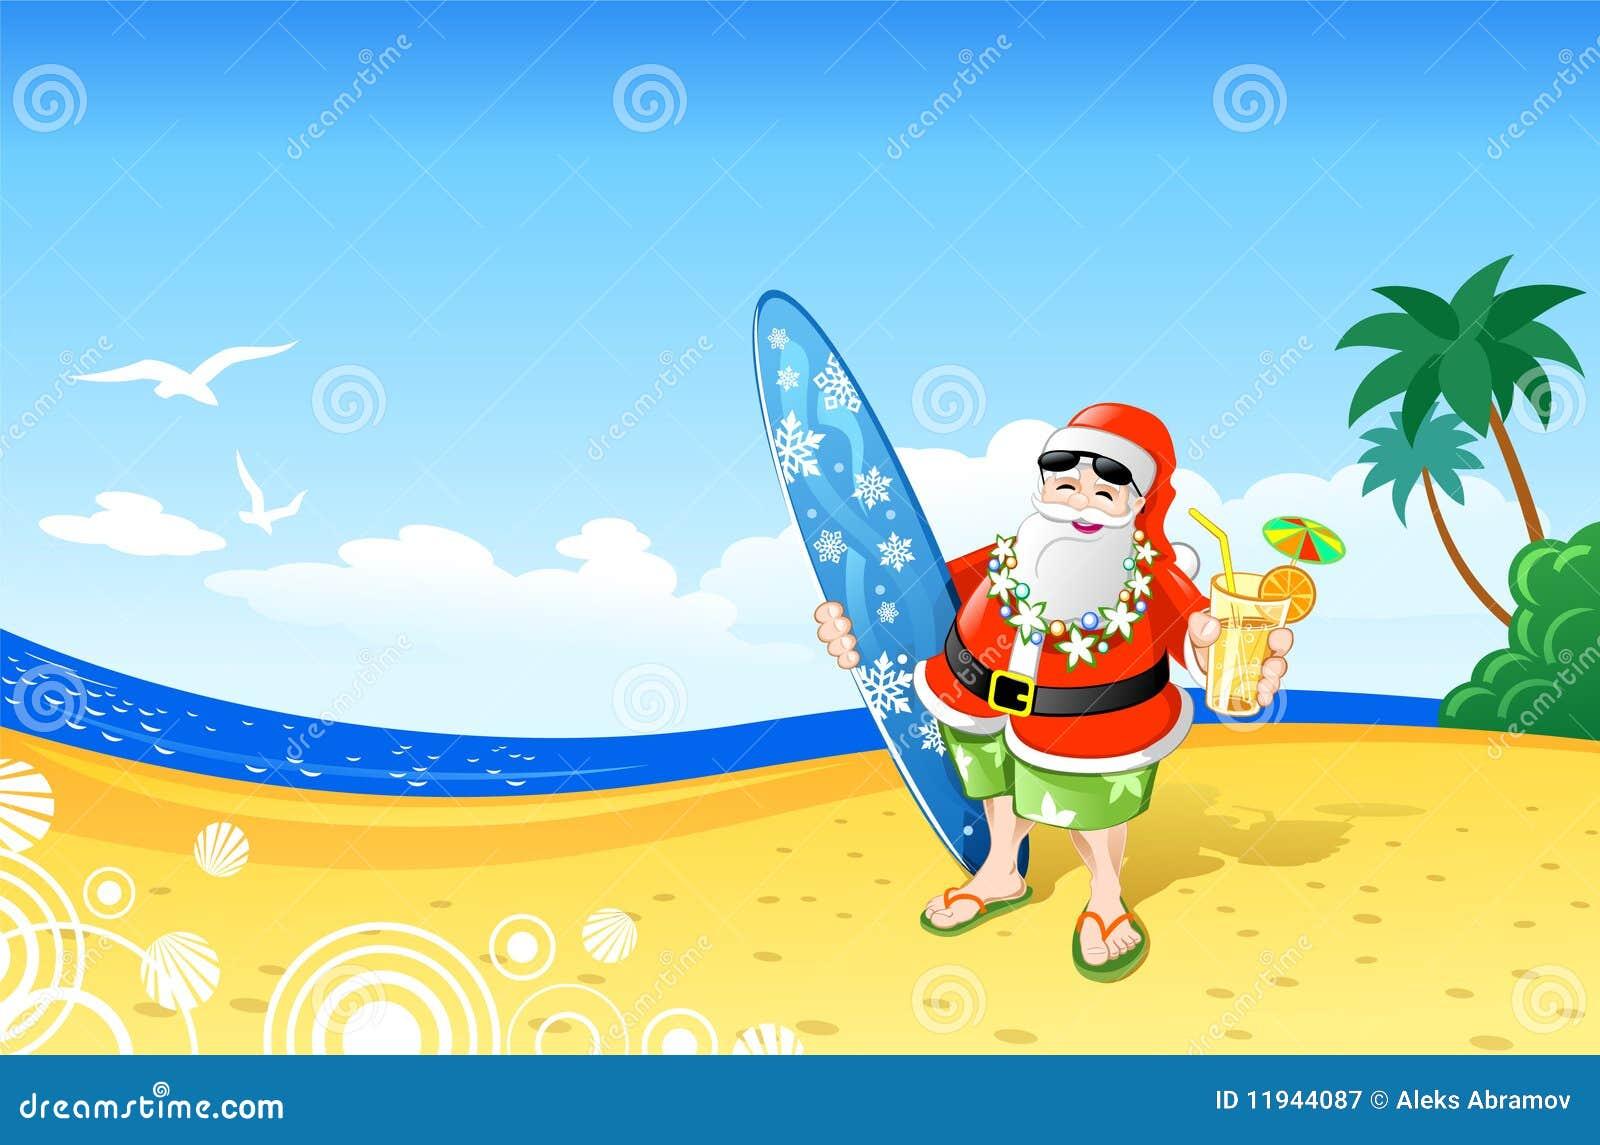 Santa On The Beach Clipart Christmas santa on the beach royalty free ...